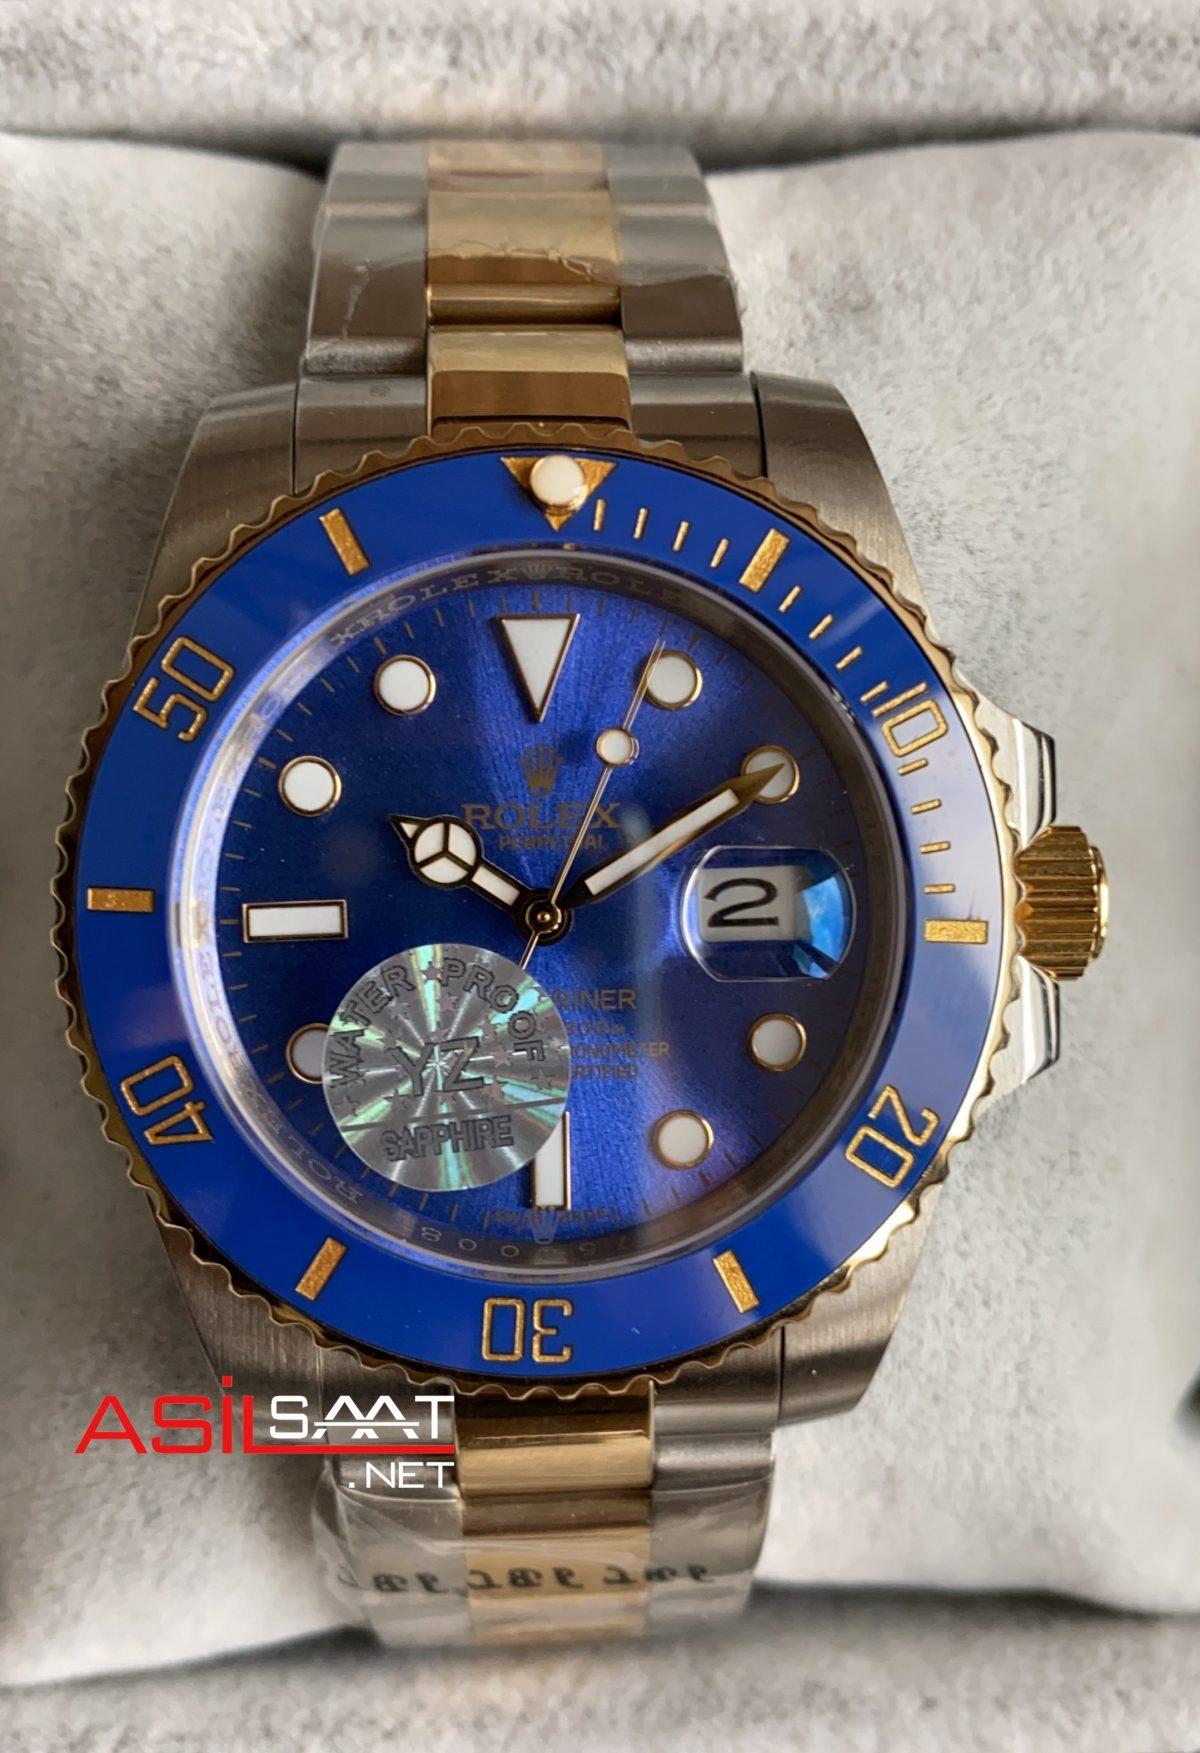 Rolex Submariner 116613 LB ROLS007